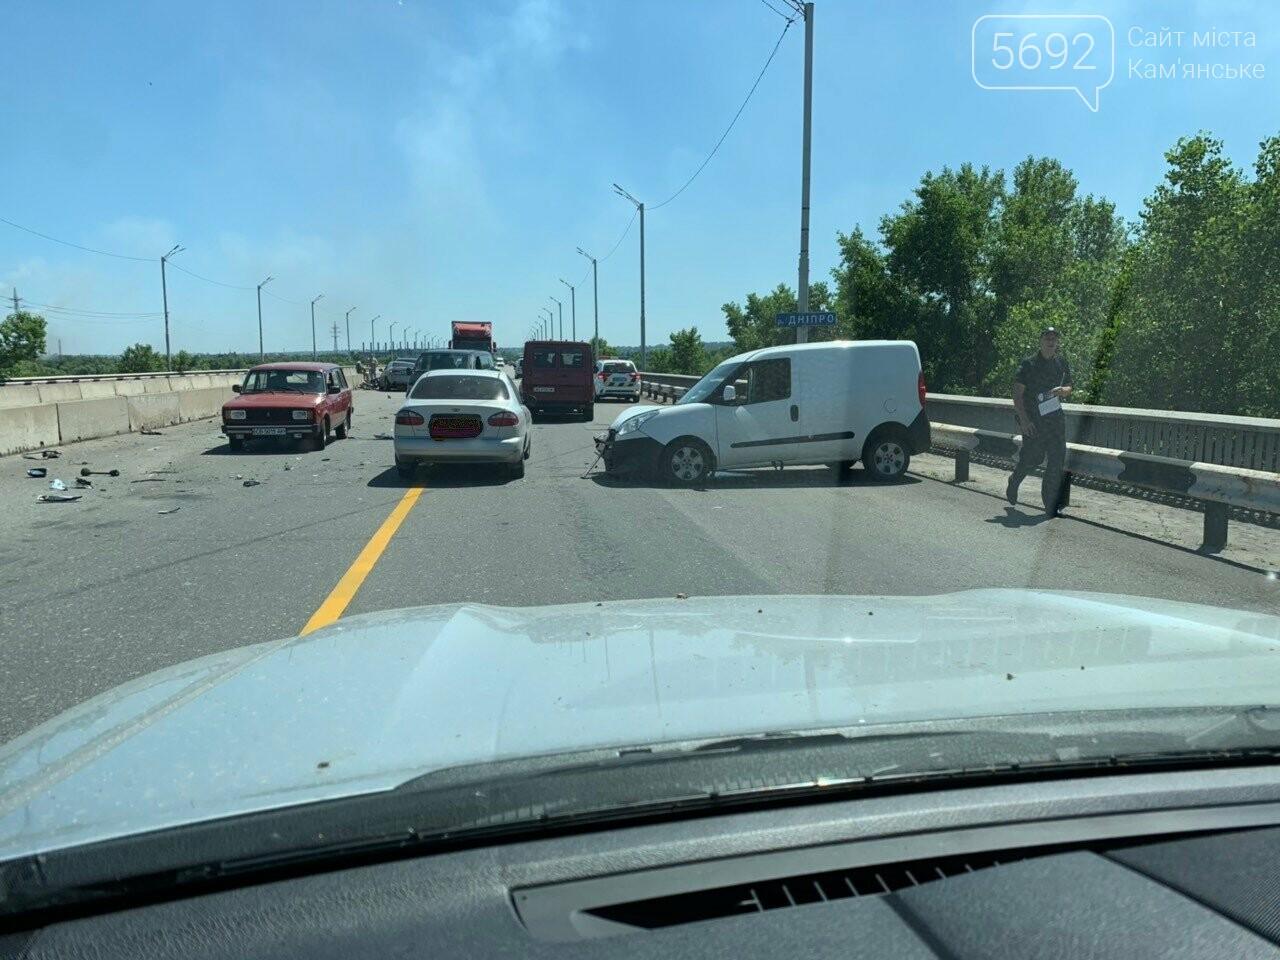 В Каменском на мосту произошло лобовое столкновение двух авто: есть пострадавшие , фото-1